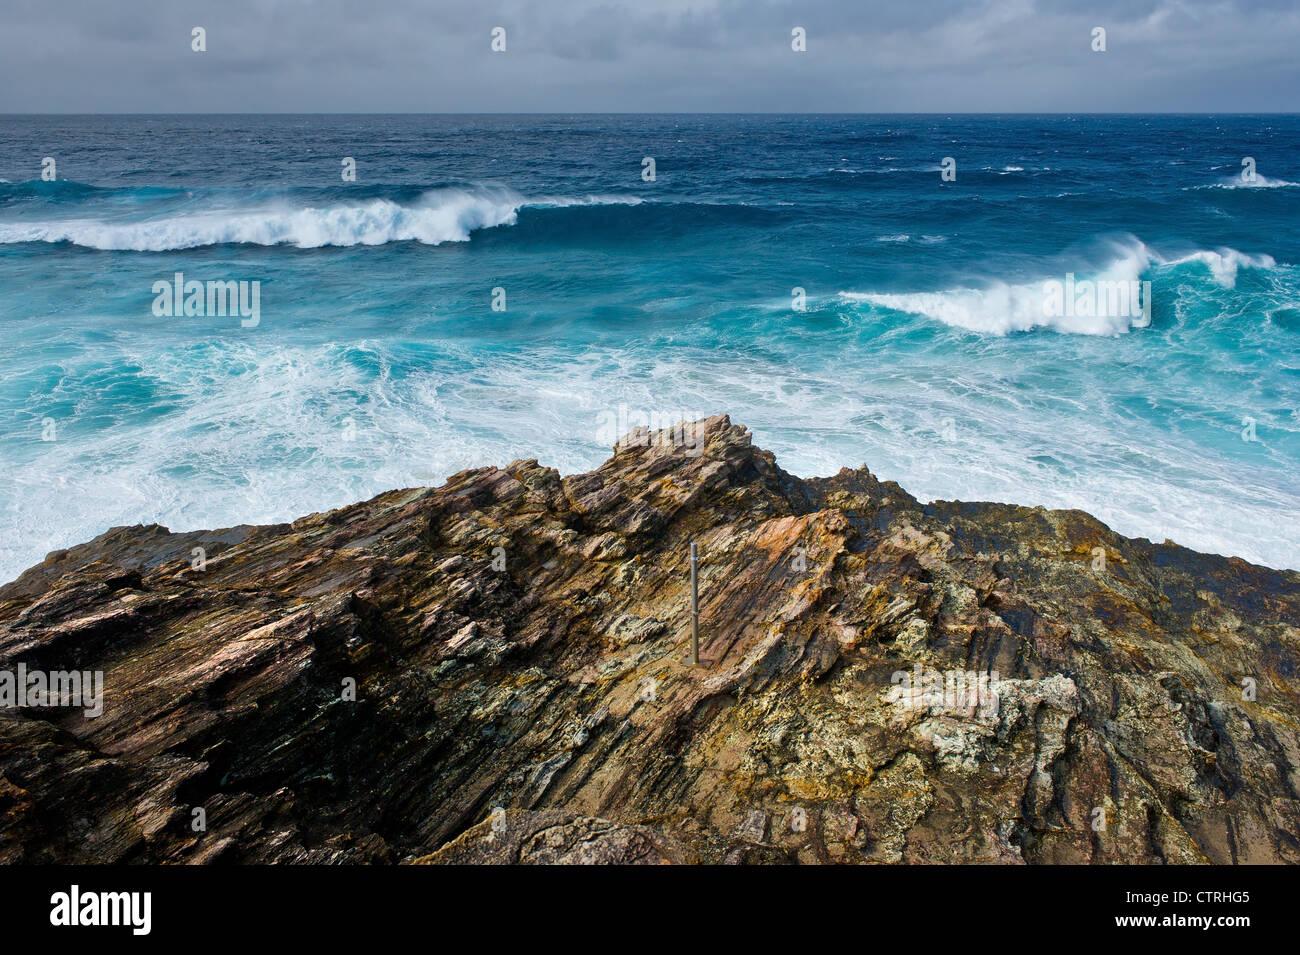 El mar embravecido frente a la costa de North Stradbroke Island en Queensland Foto de stock